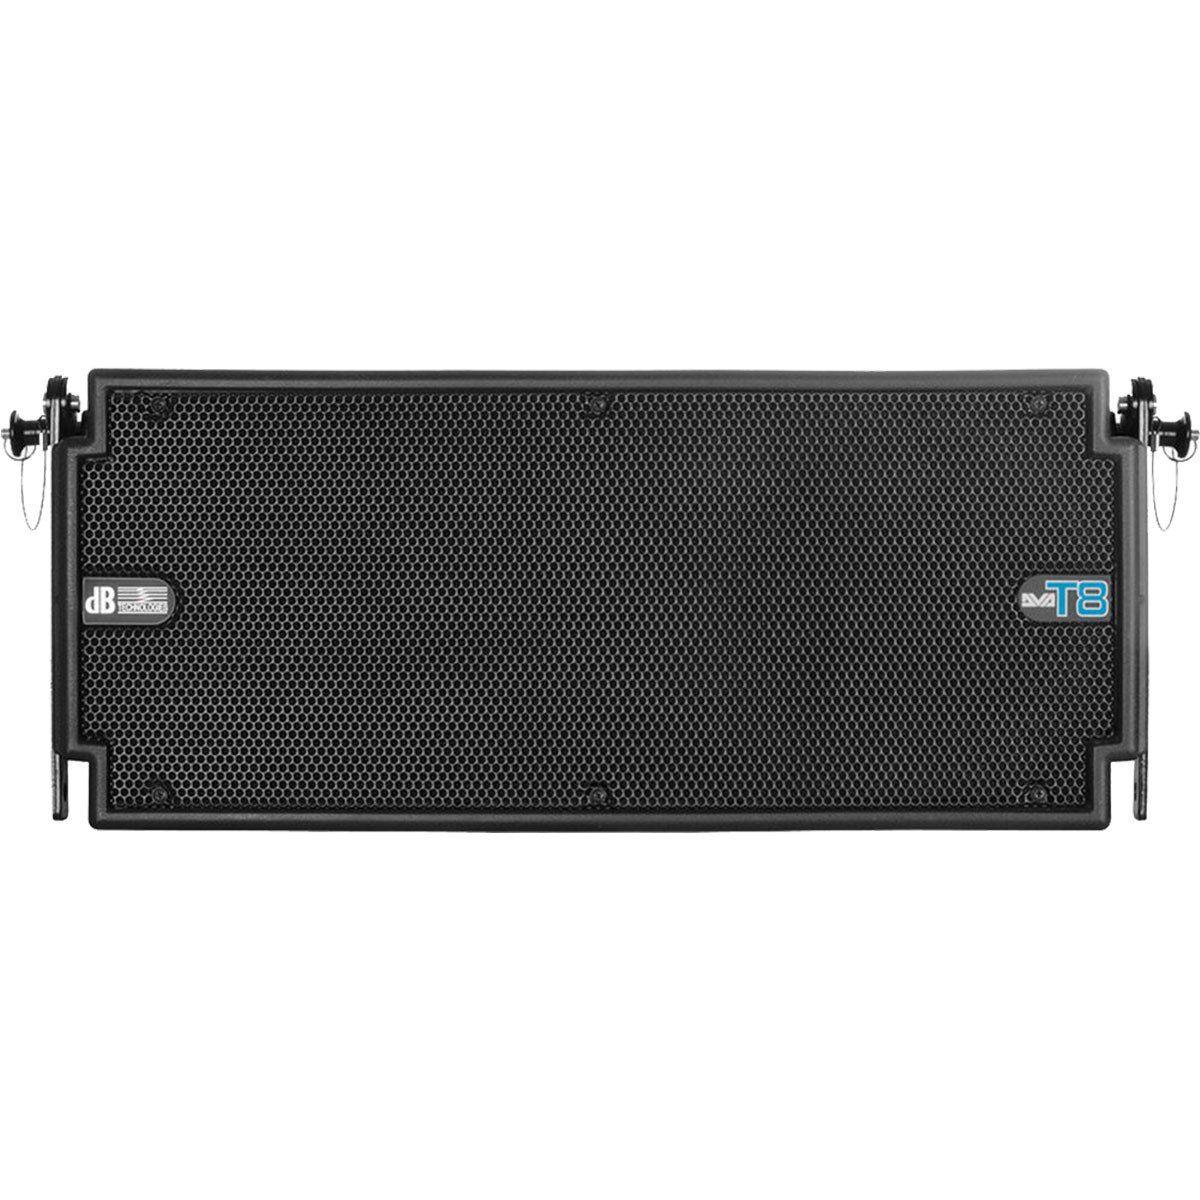 dB Technologies DVA T8 Caixa Line Array Usado